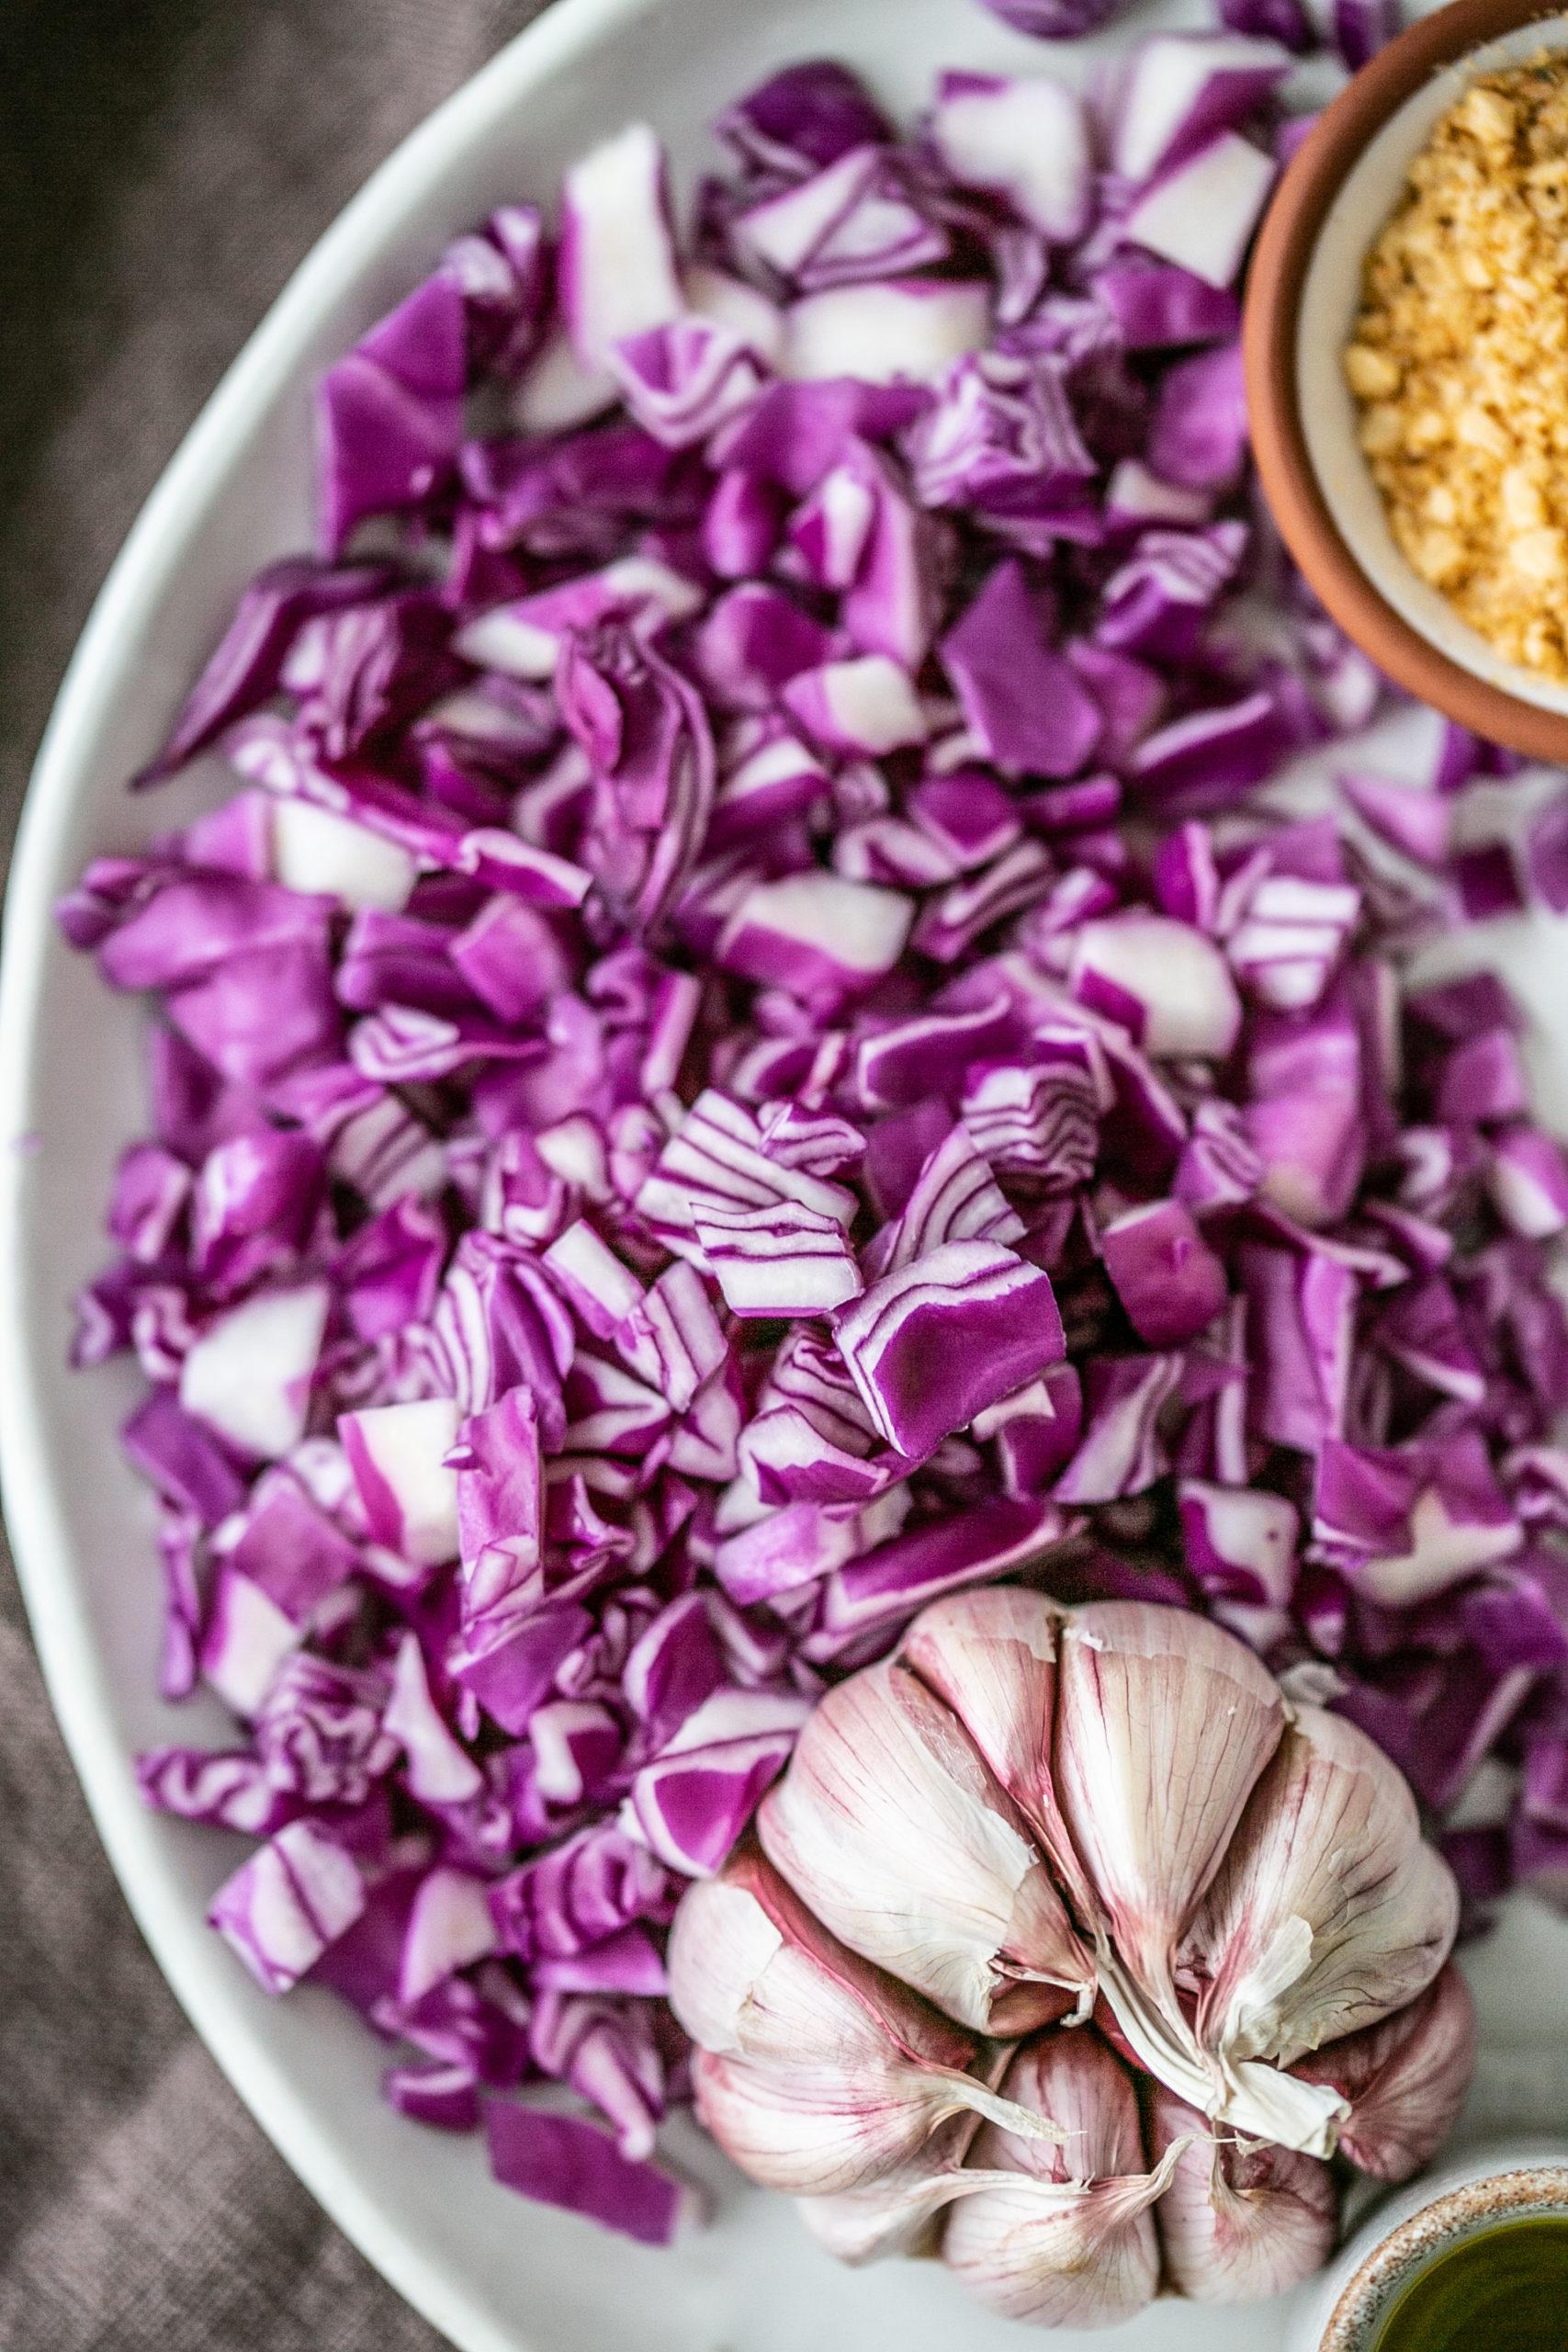 Rotkohl Risotto - schönste, bunte, Winterküche | Gesunde vegane Rezepte, Fermentation, Nachhaltigkeit - Syl Gervais